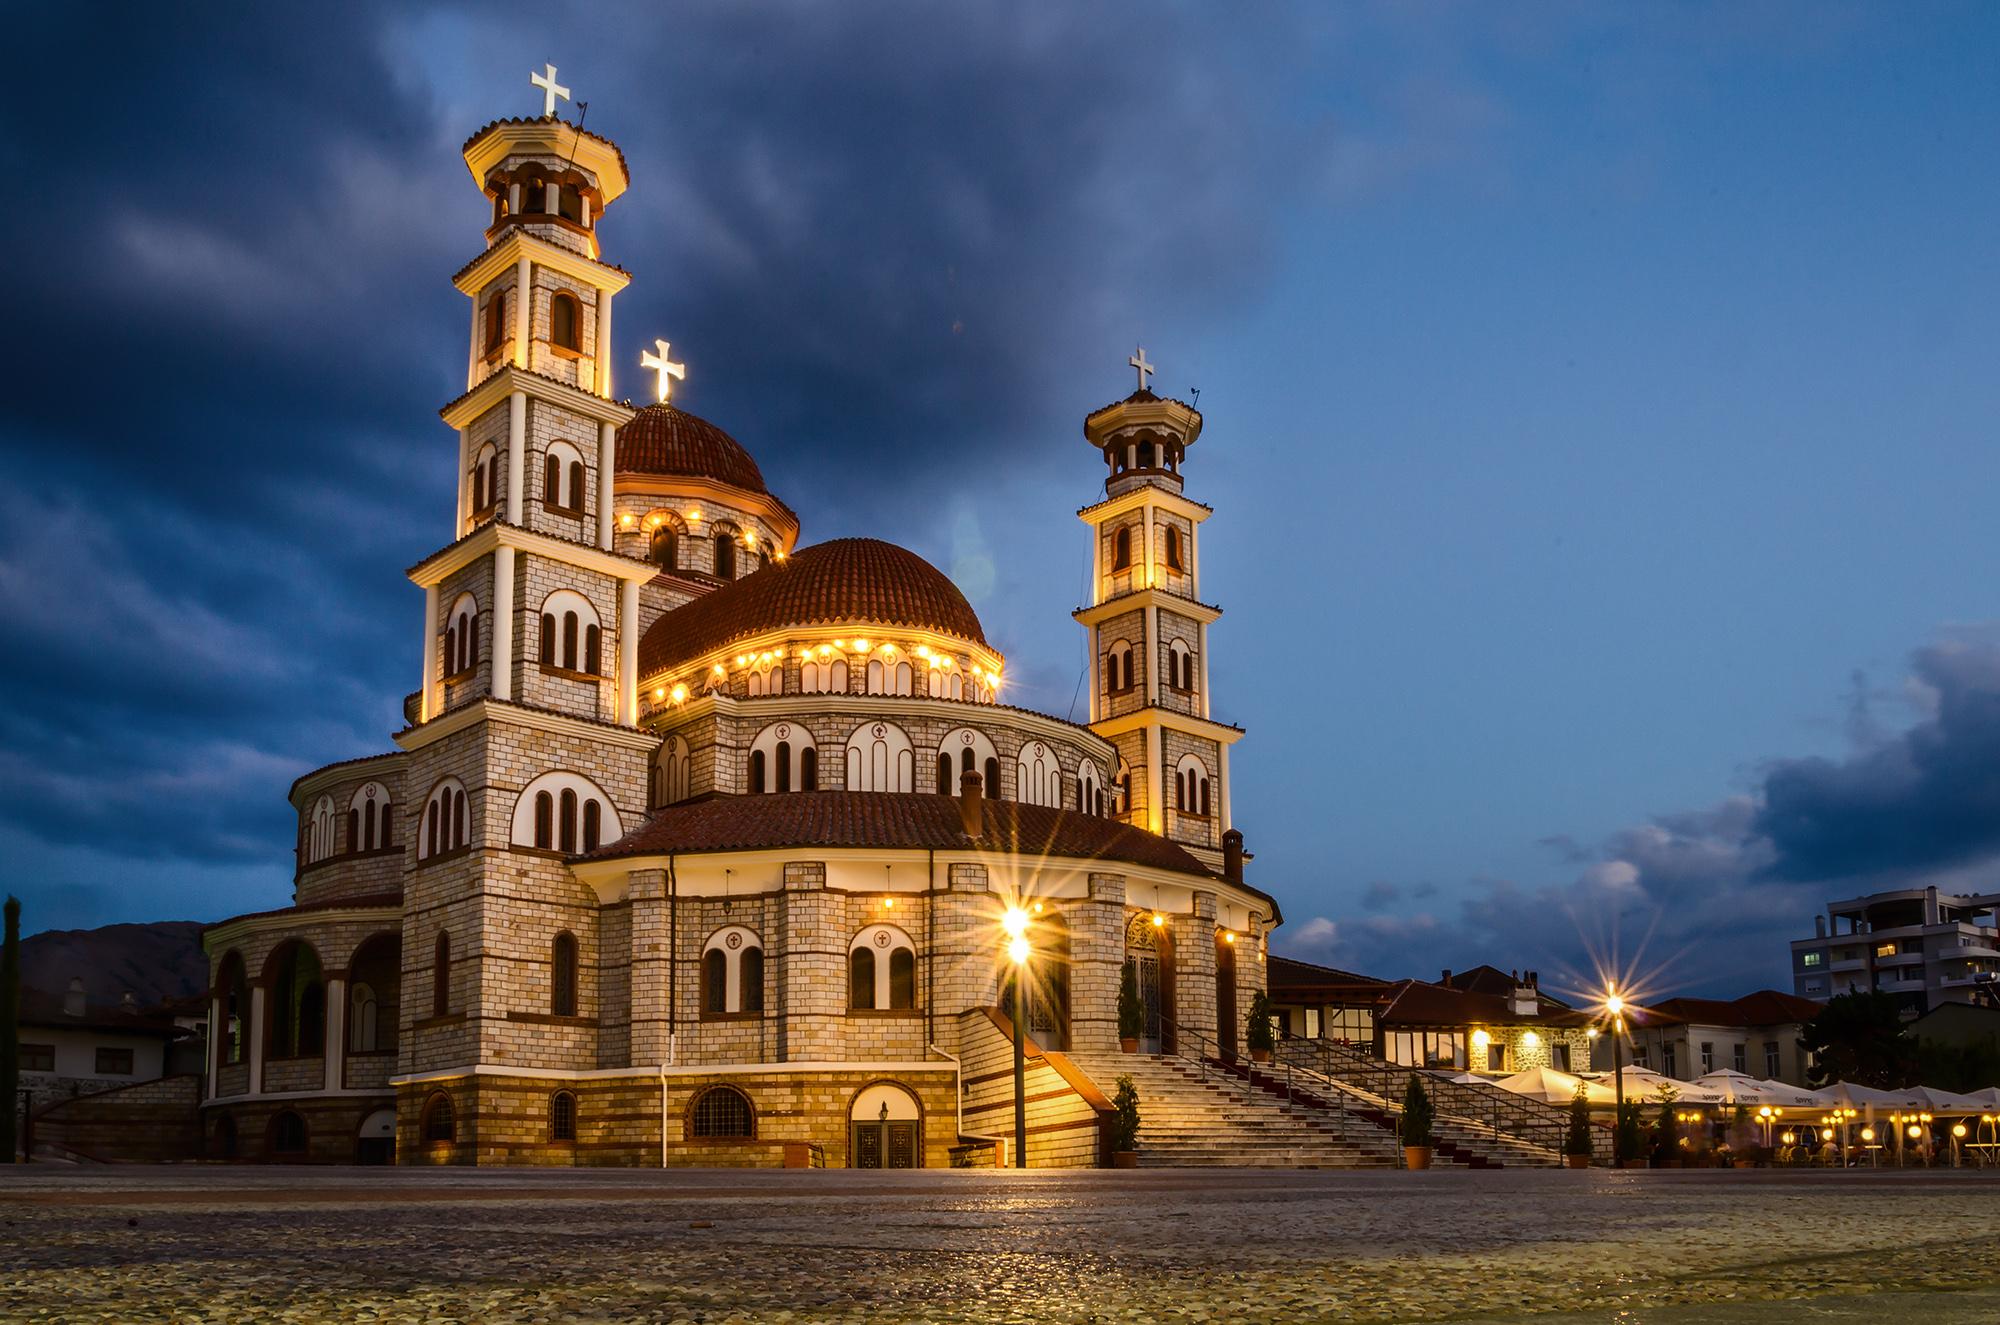 Leserfoto: Kirche in blauer Stunde